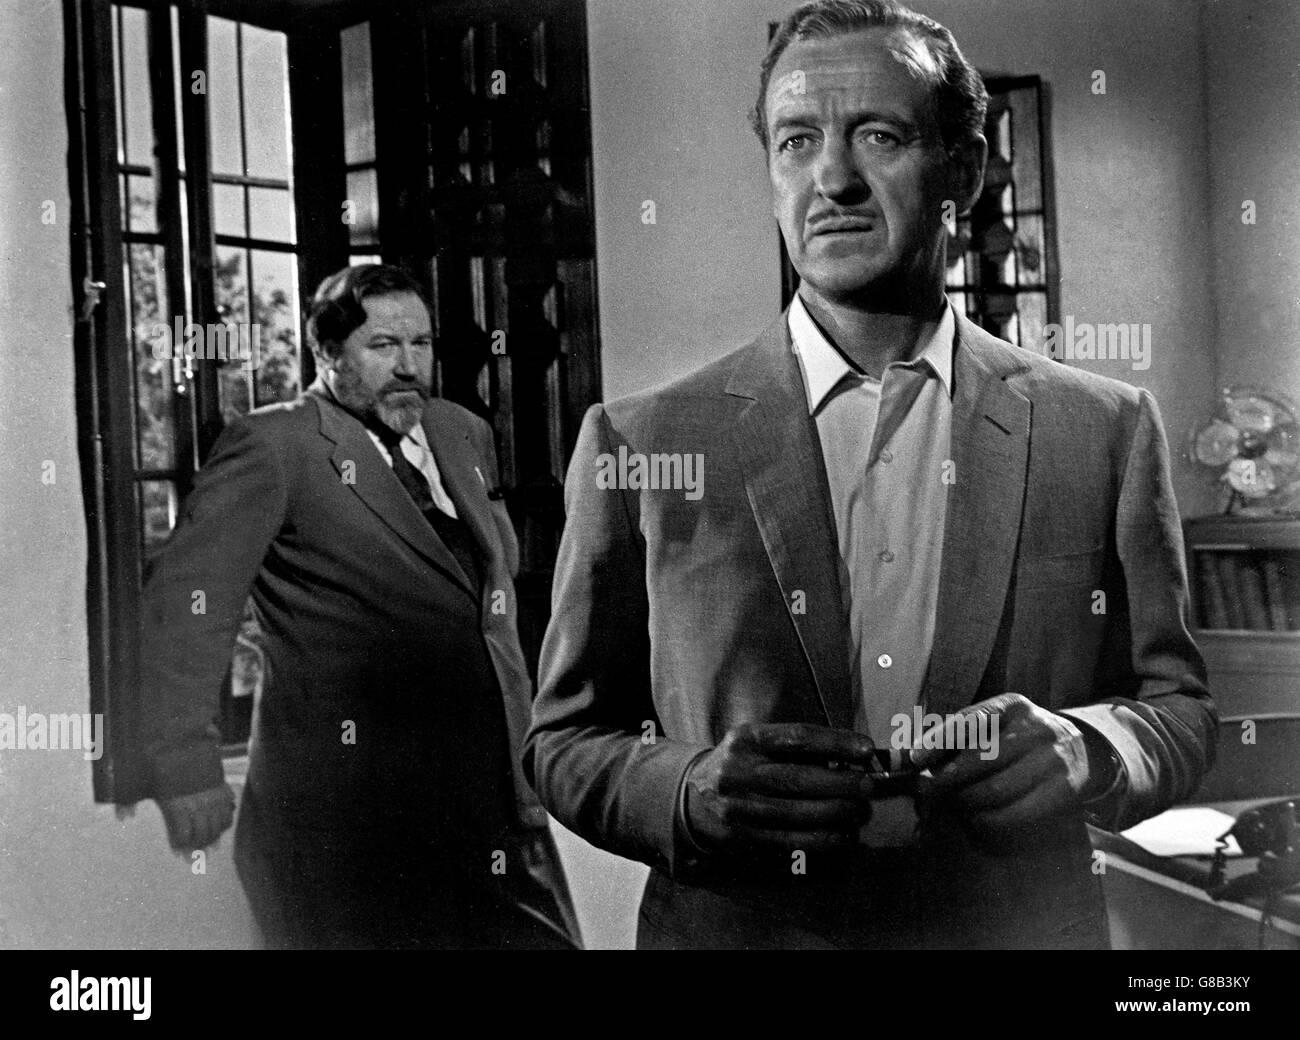 Guns Of Darkness, aka: Flucht aus dem Dunkel, Großbritannien 1962, Regie: Anthony Asquith, Darsteller: James - Stock Image